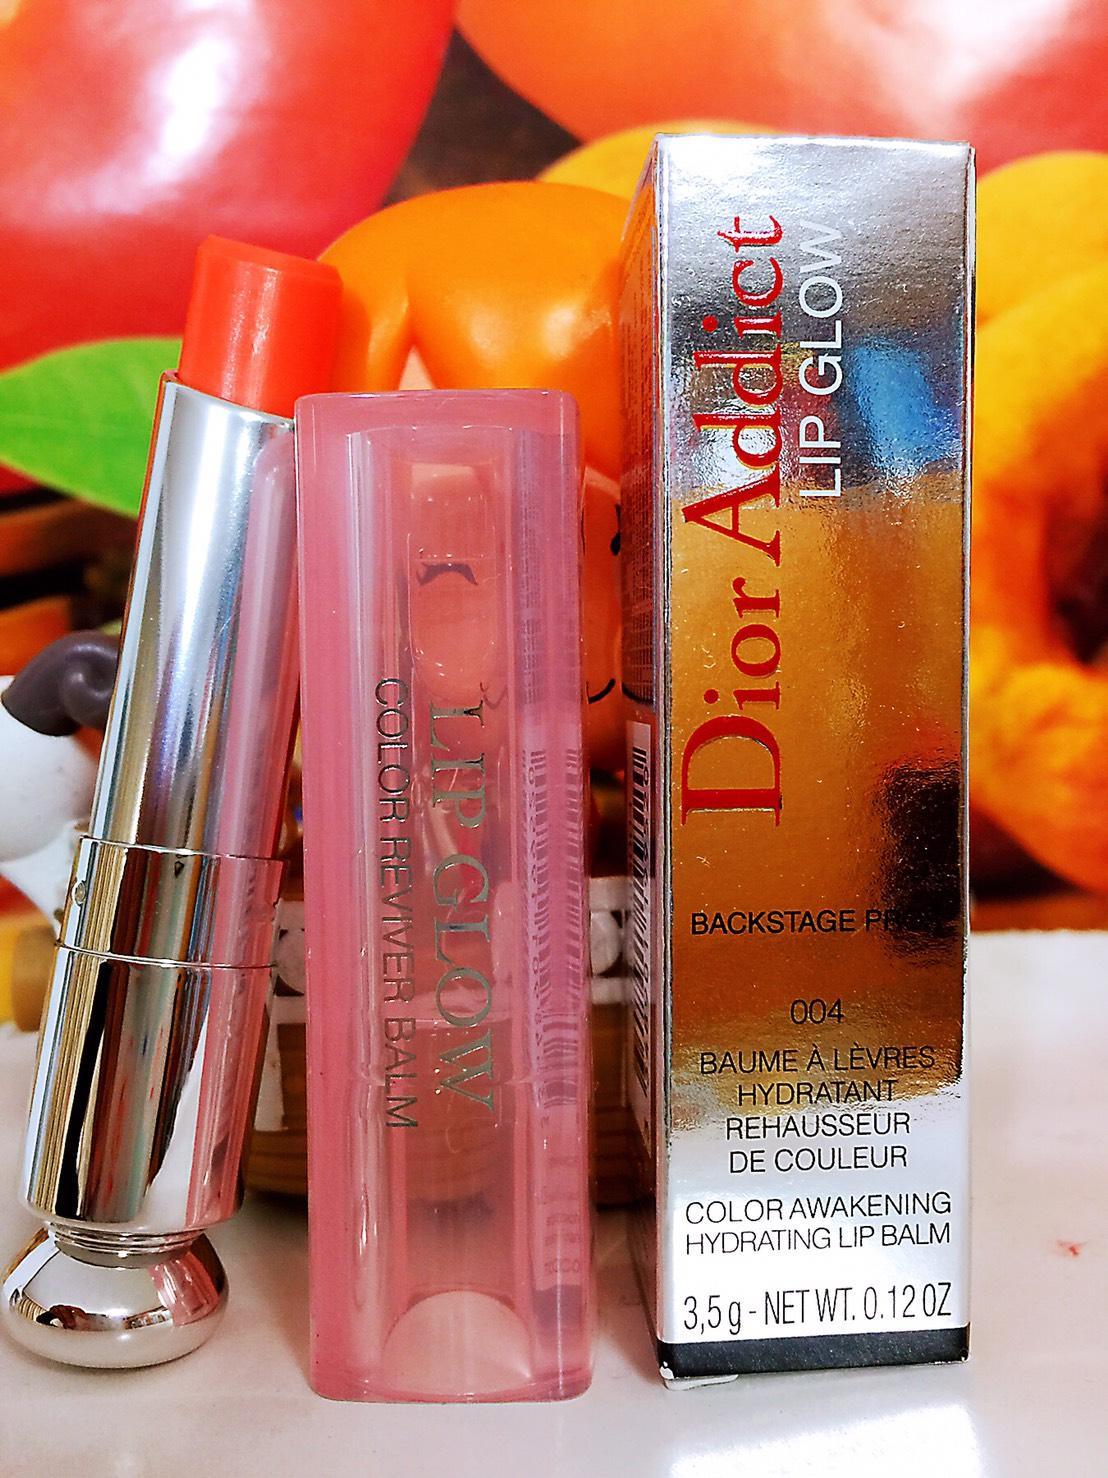 Dior 迪奧 癮誘粉漾潤唇膏 (色號:004) 3.5g 全新正貨盒裝百貨專櫃正貨